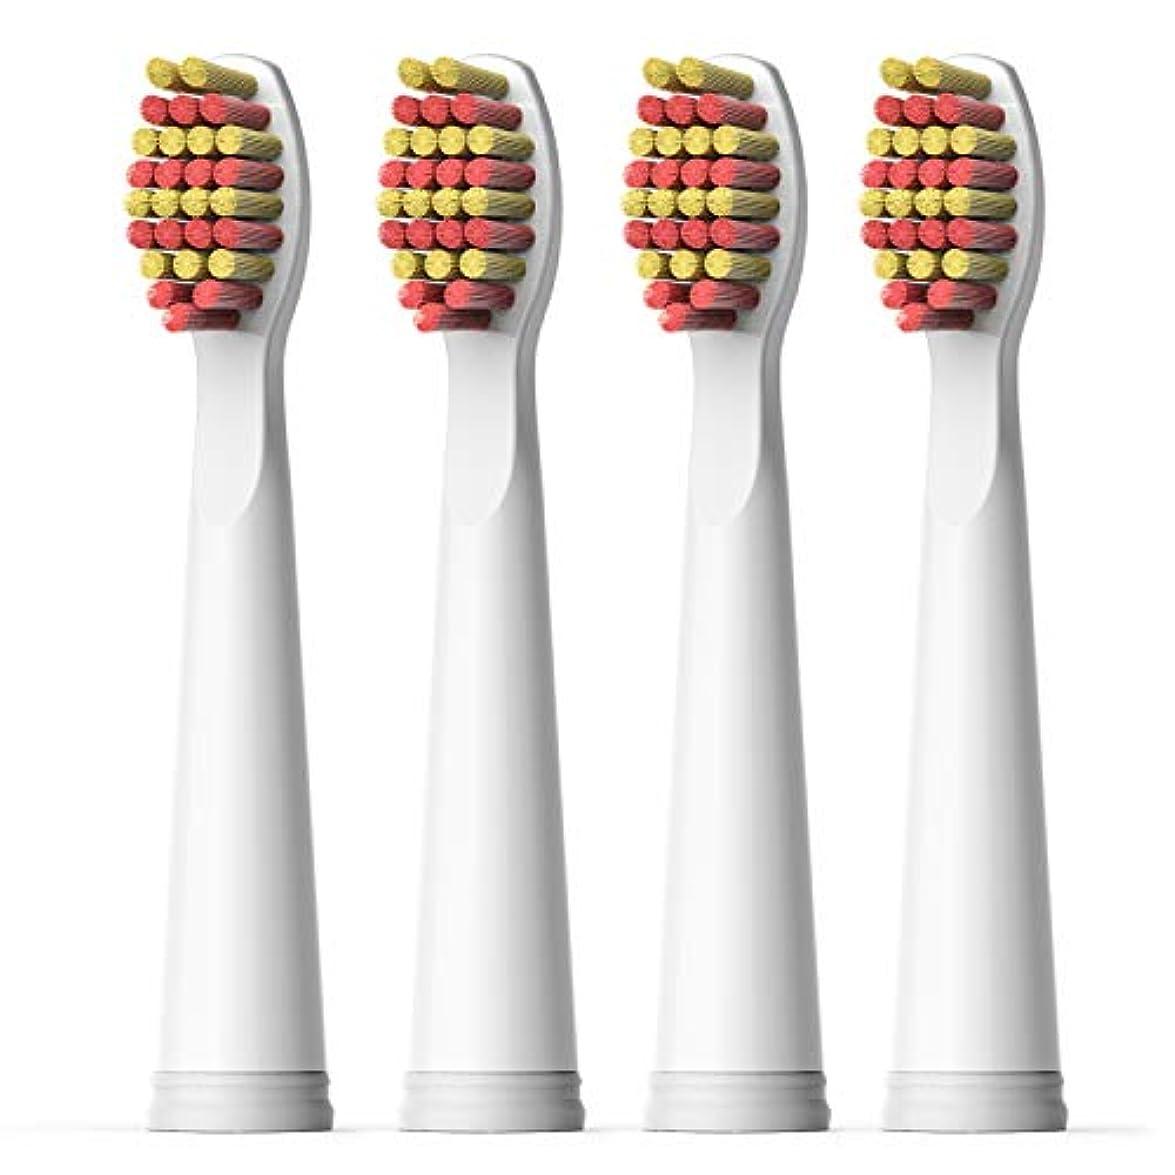 の間で飾り羽スワップFairywill 電動歯ブラシ用 替ブラシ 4本入 互換ブラシ ブラシヘッド やわらかい BH04